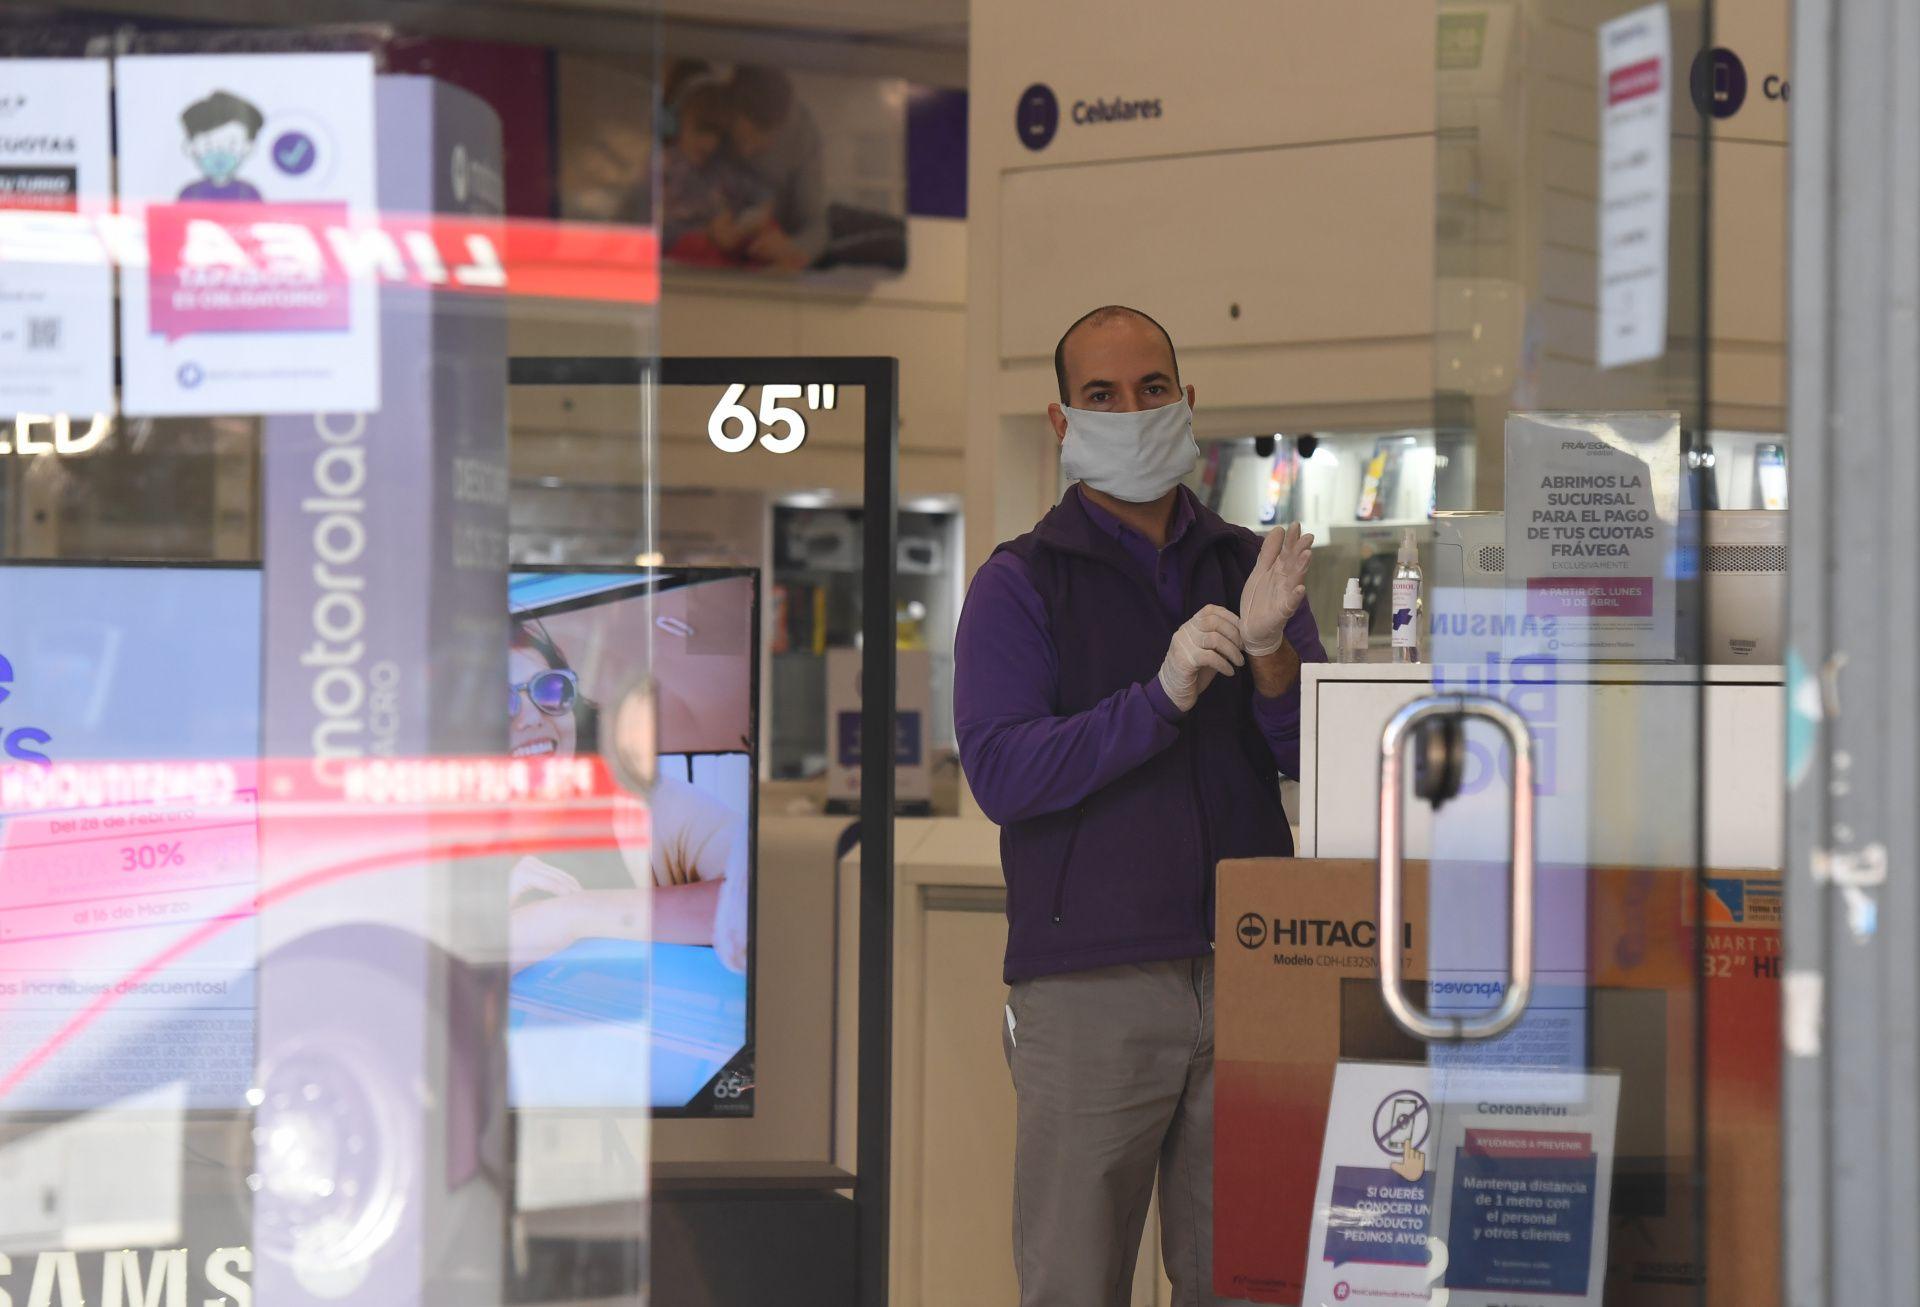 Un empelado de una cadena de retail con guantes y barbijo. Este sector fue otro de los que volvió a la actividad a partir de este martes.